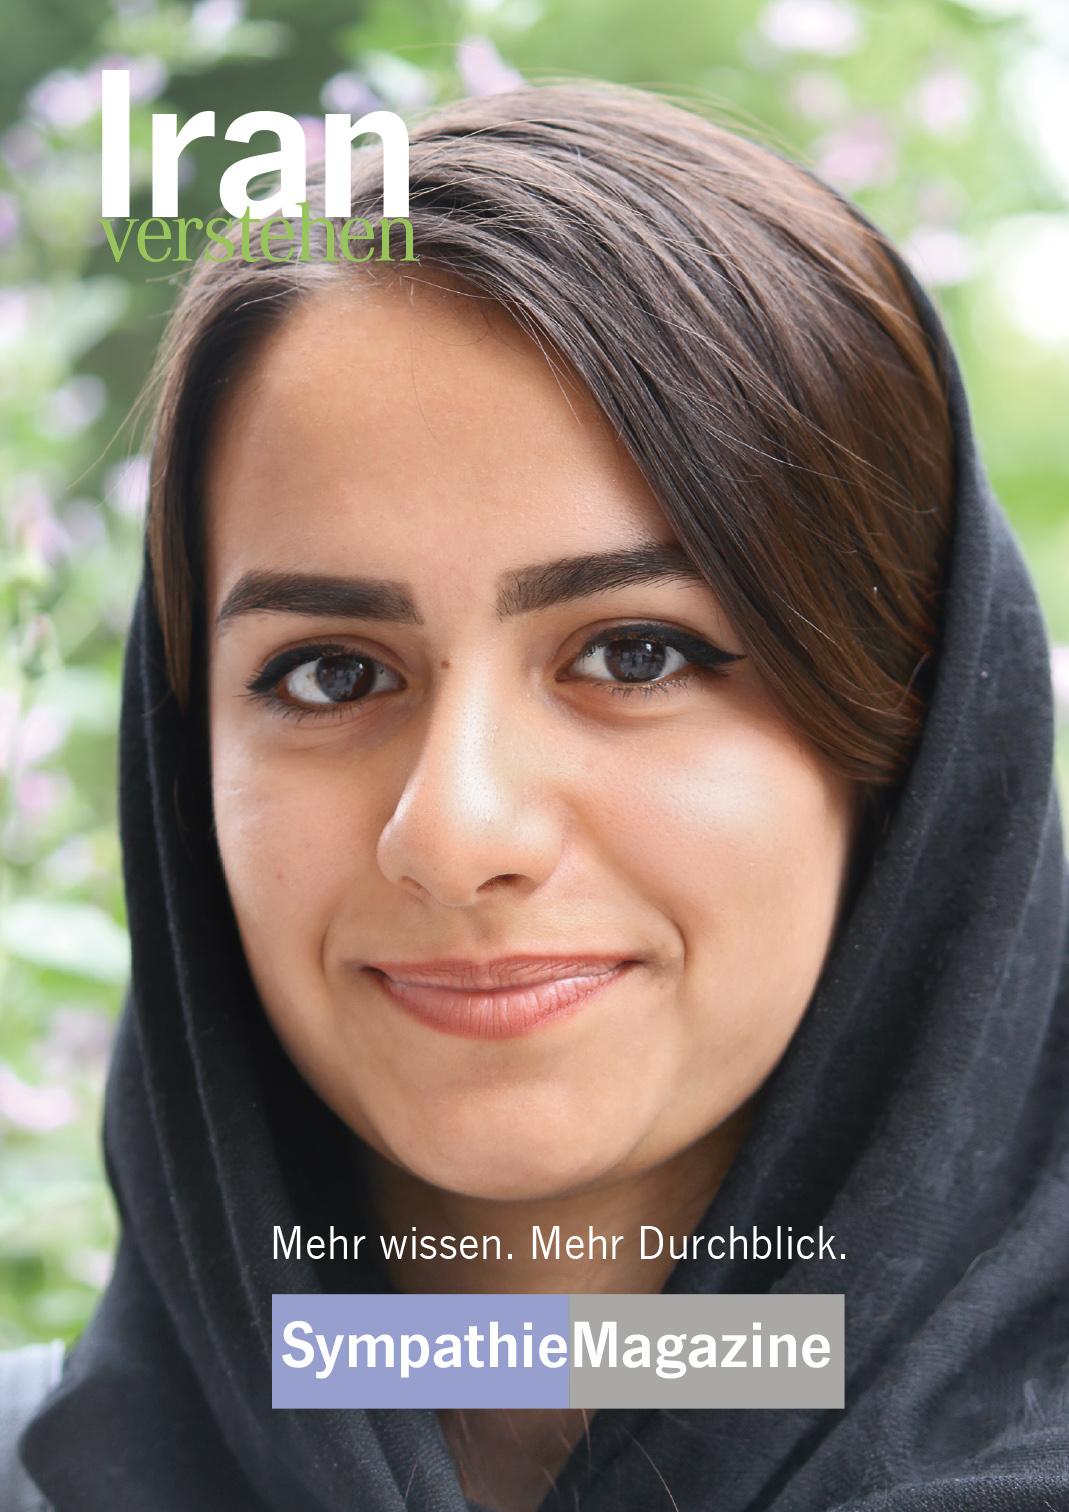 """Neu erschienen: Das SympathieMagazin """"Iran verstehen"""""""